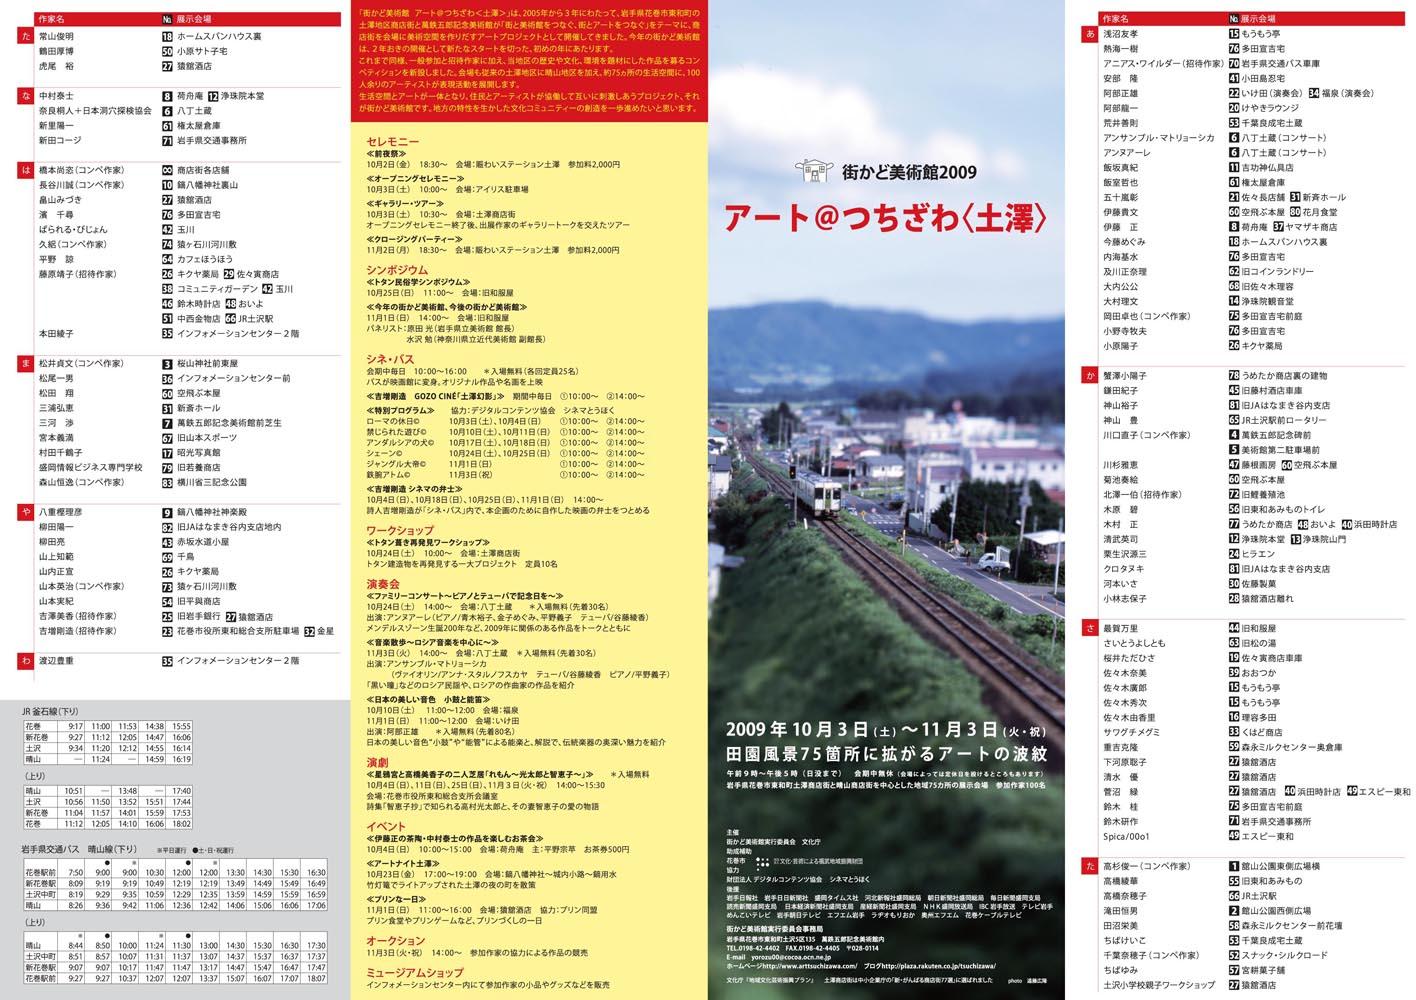 s-HP用map-2のコピー.jpg